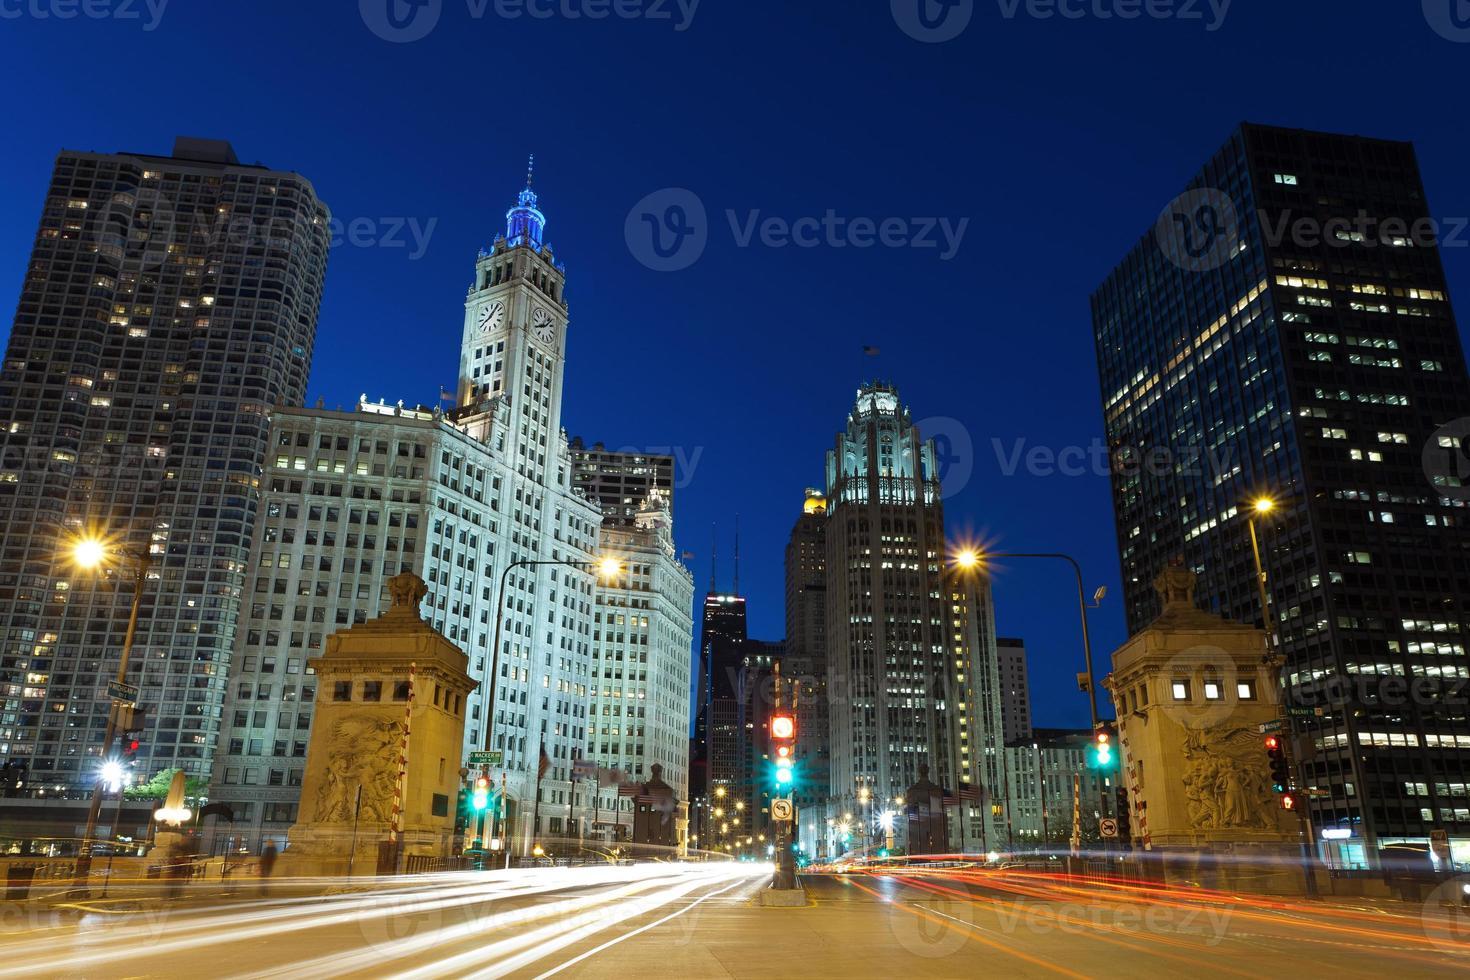 Michigan Avenue in Chicago. photo